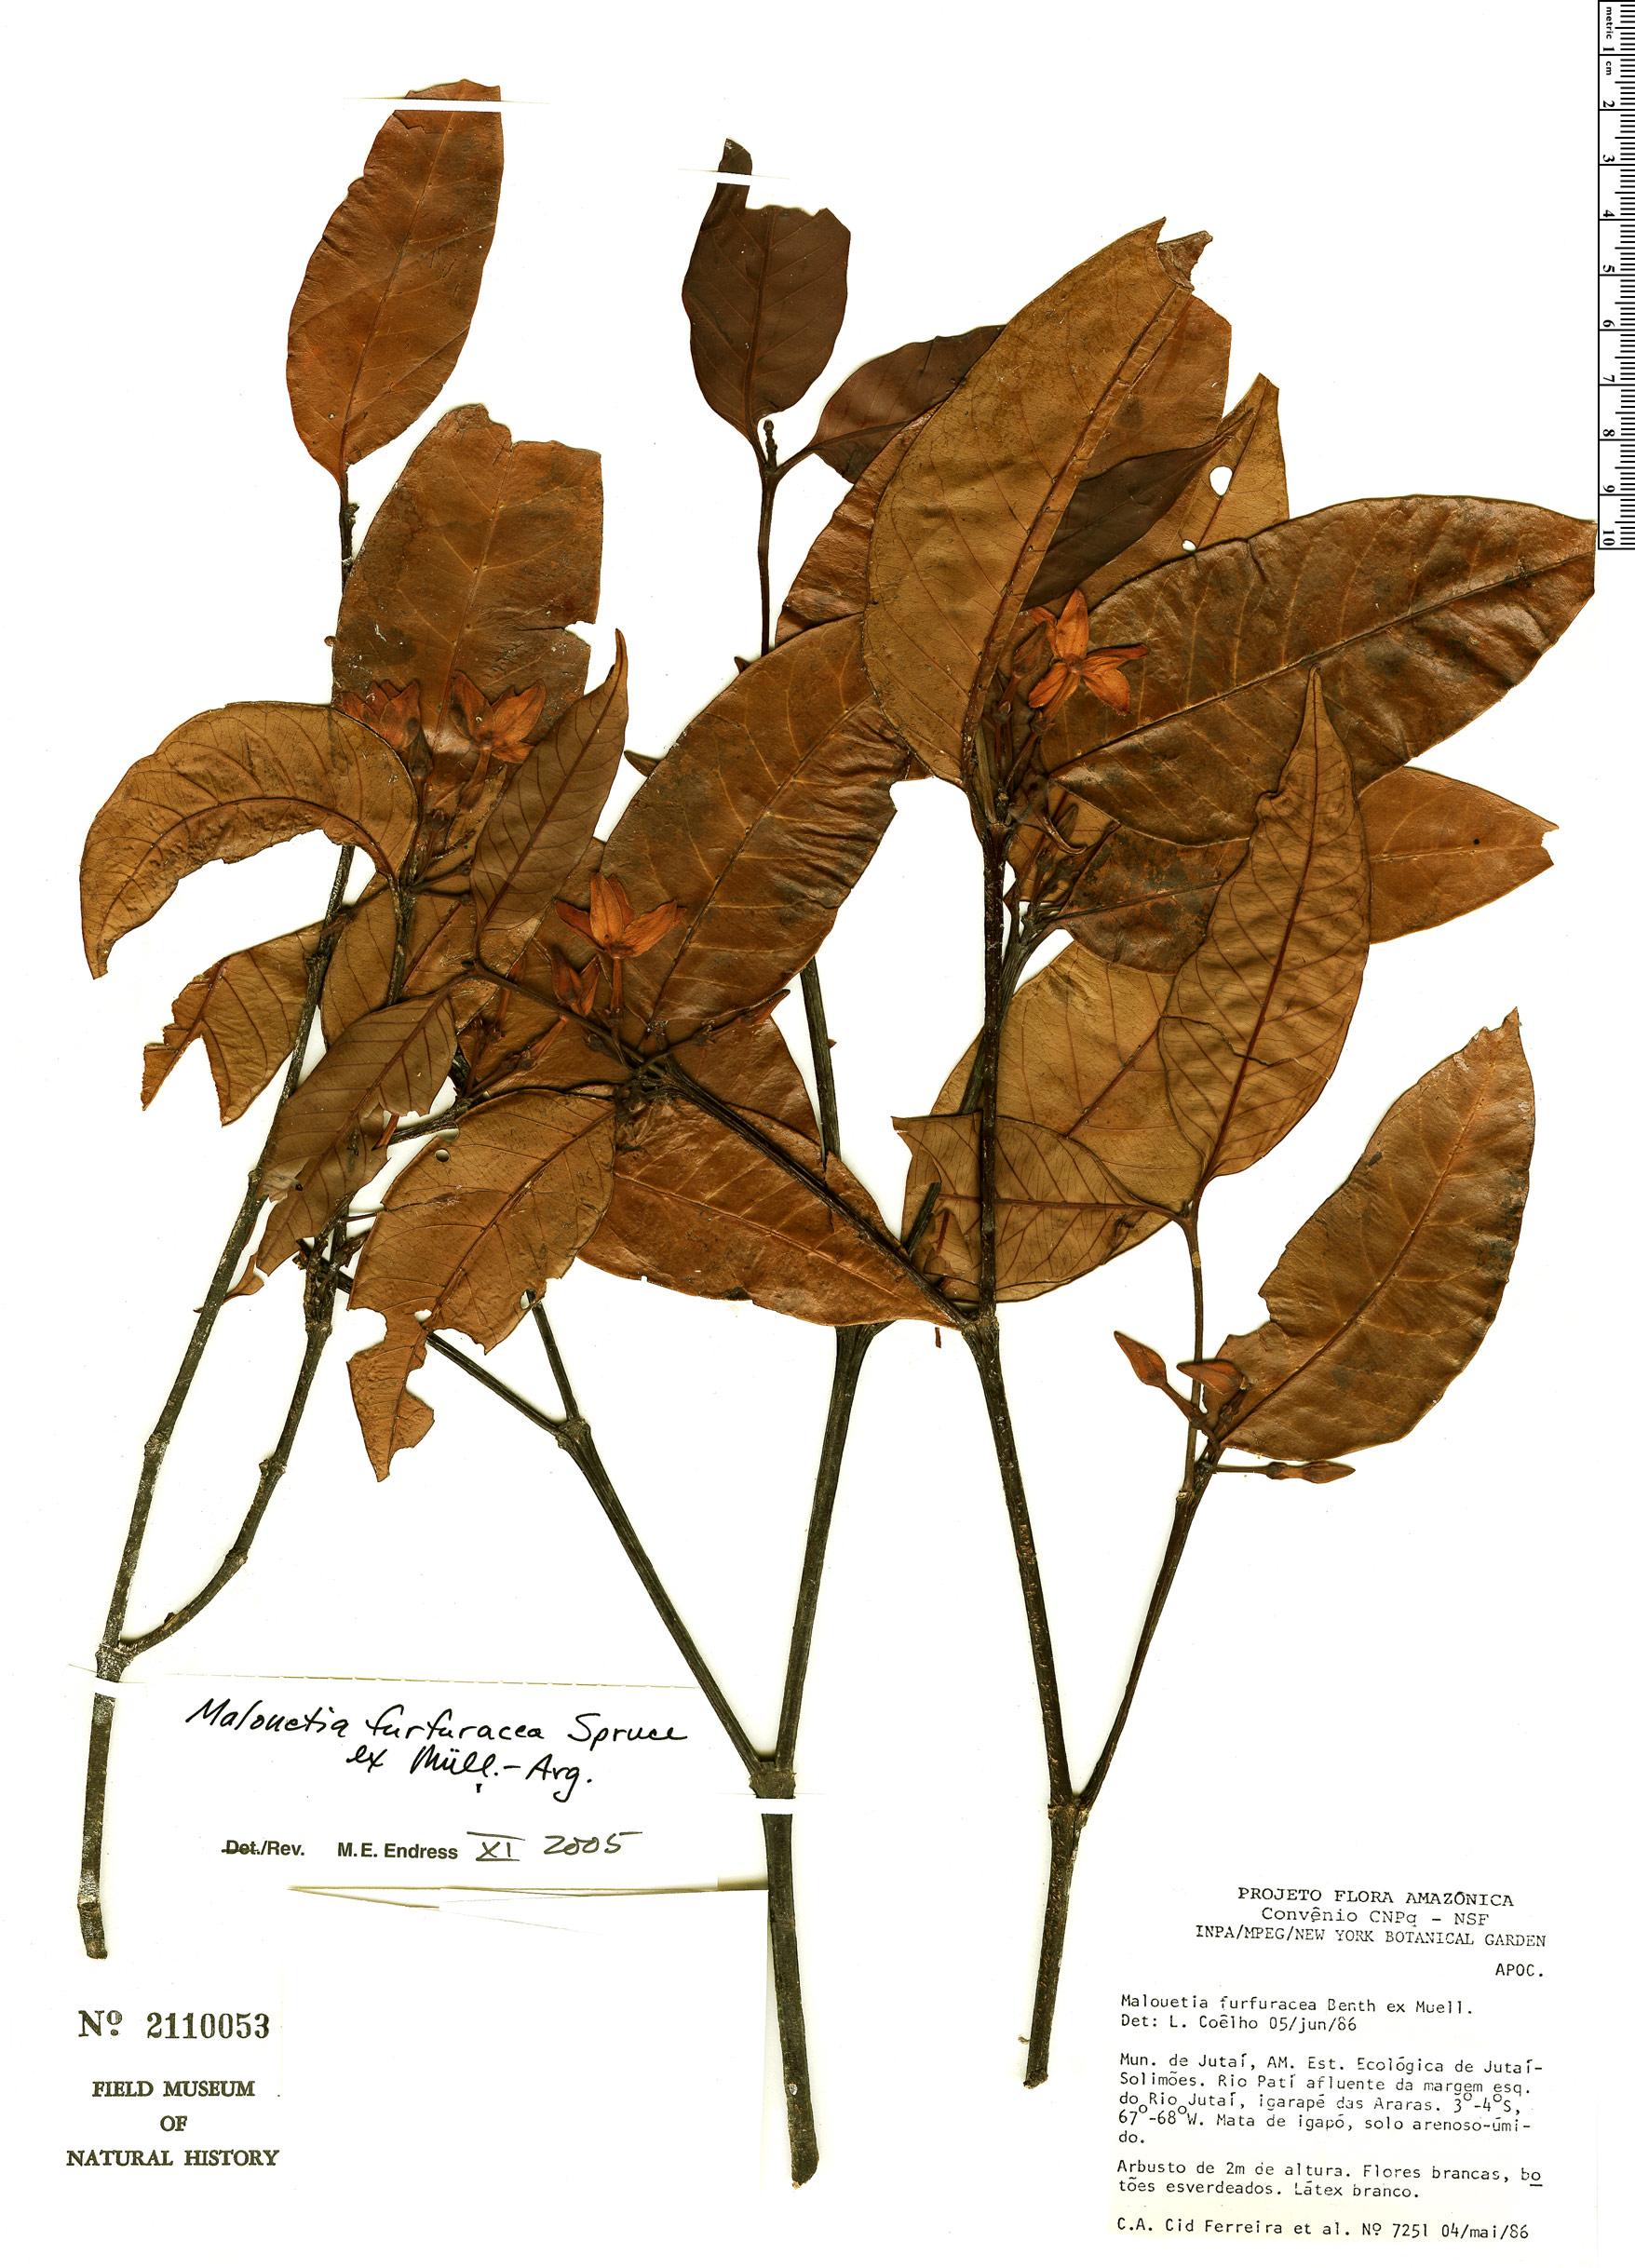 Specimen: Malouetia furfuracea